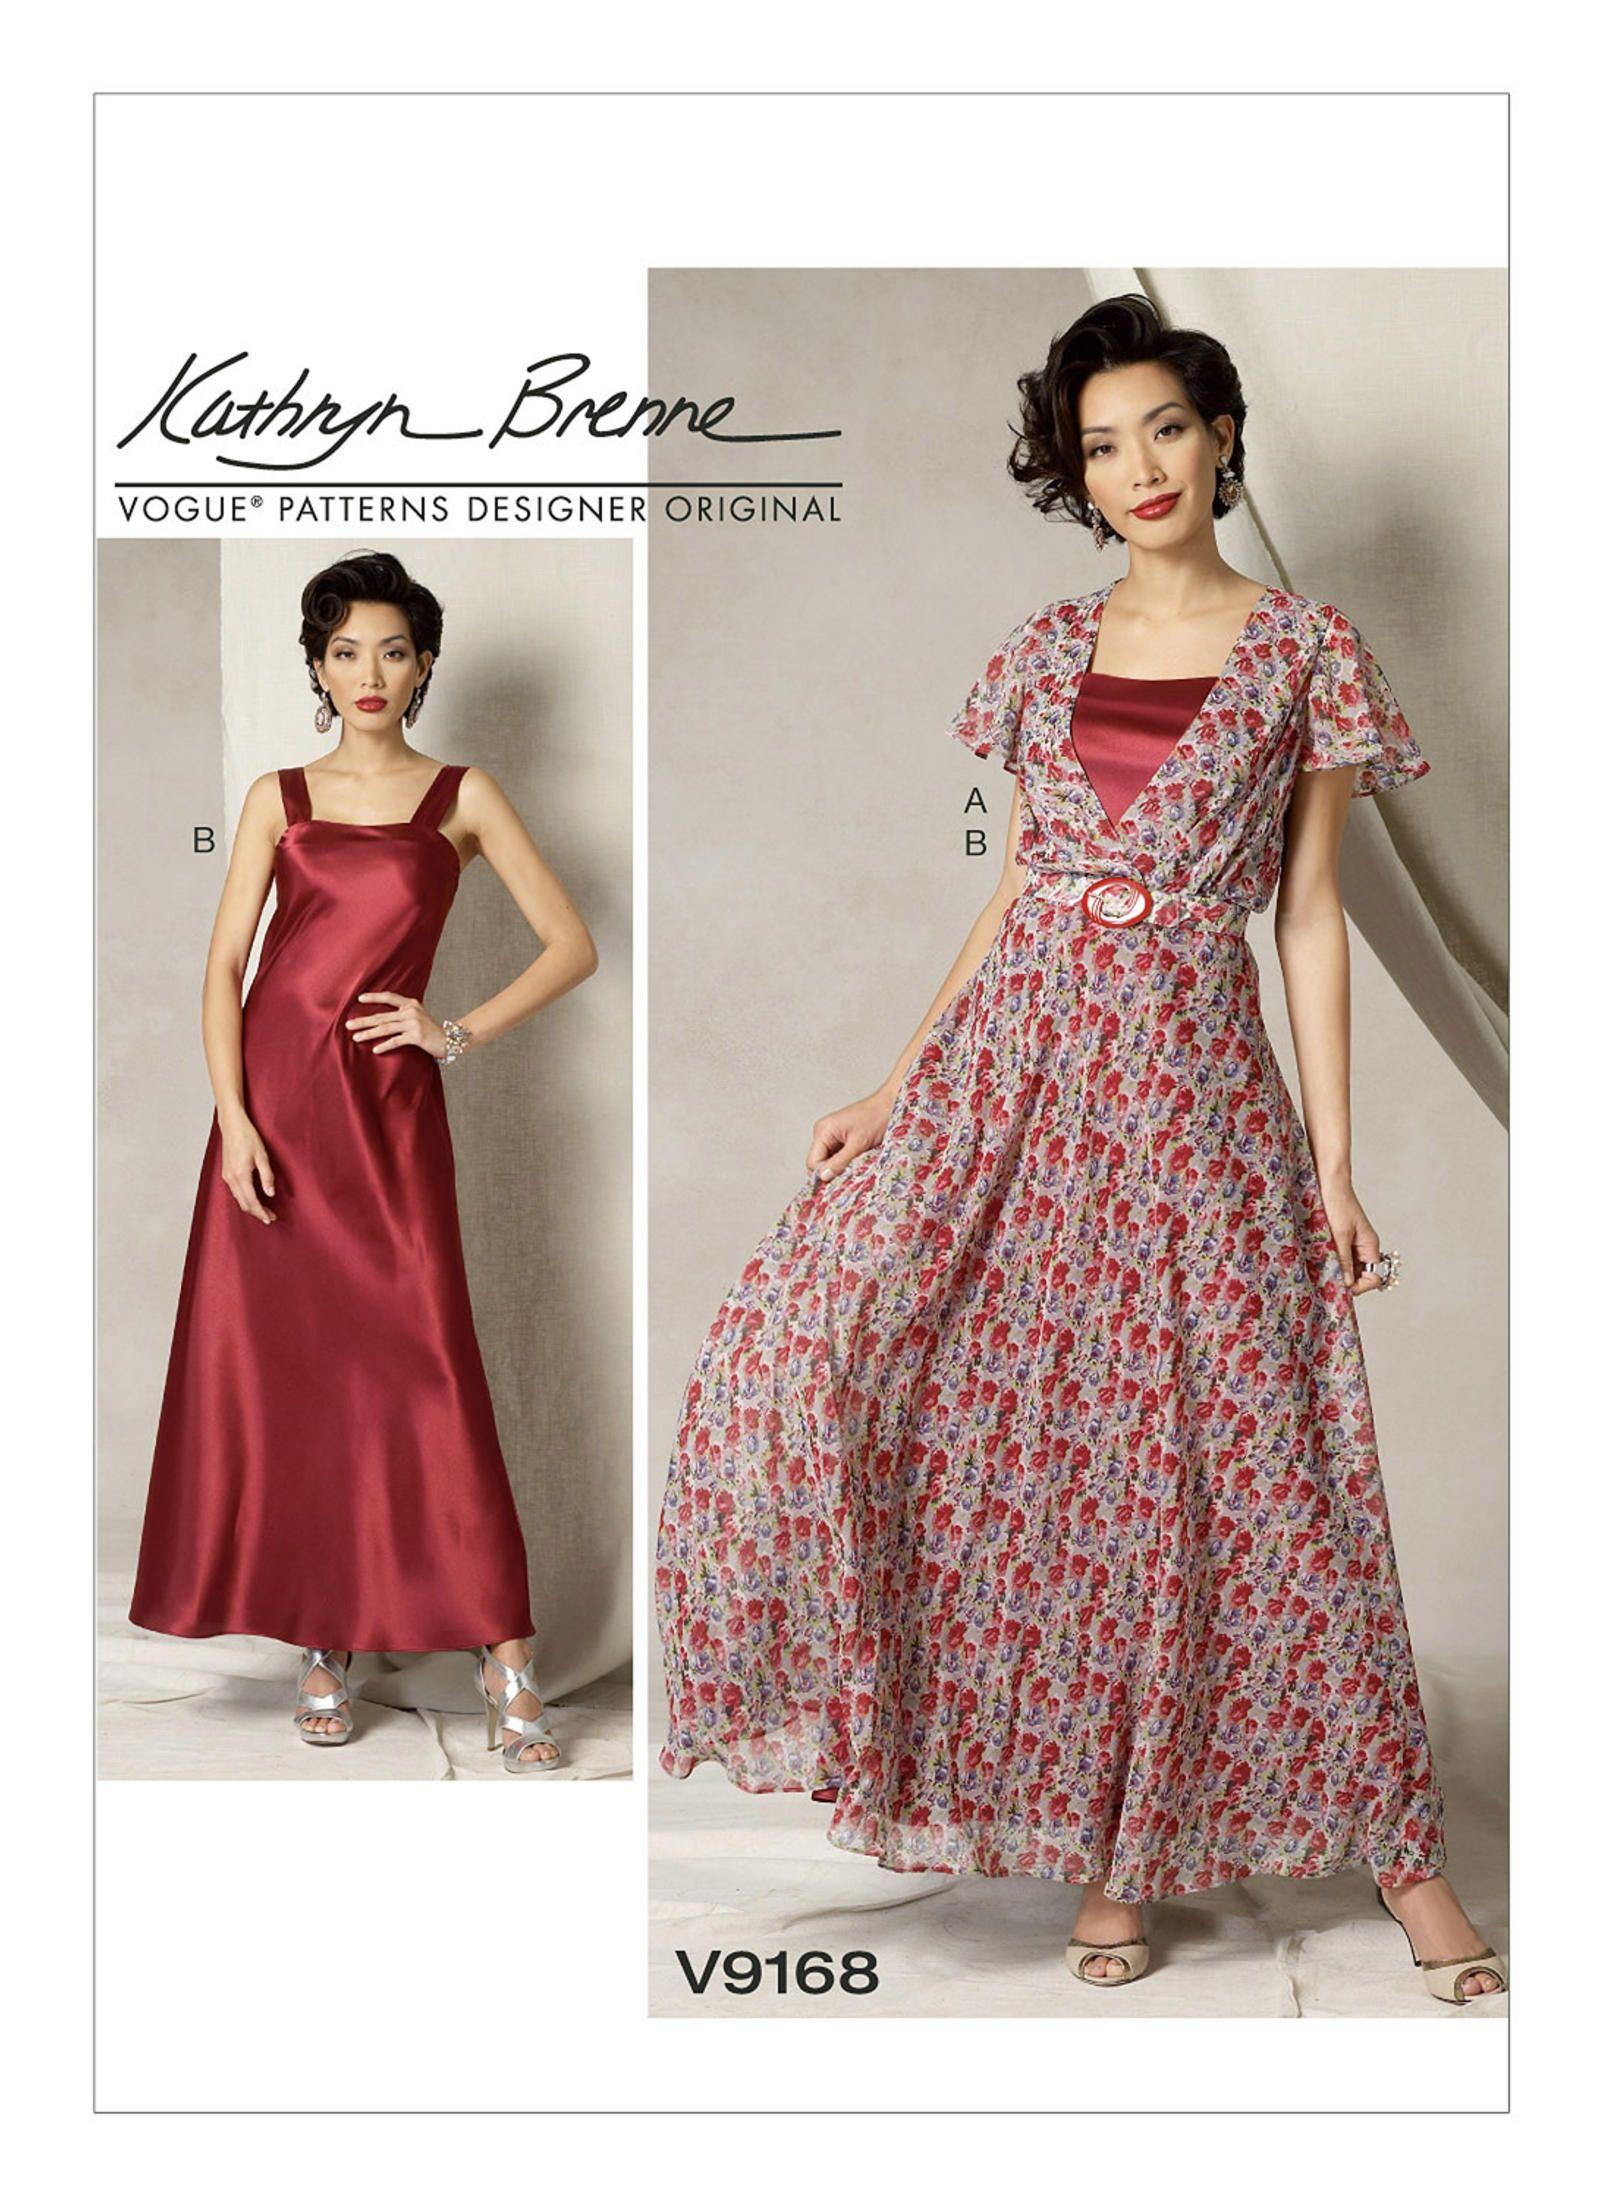 V9168 | Vogue Patterns | Patterns I would like too have | Pinterest ...